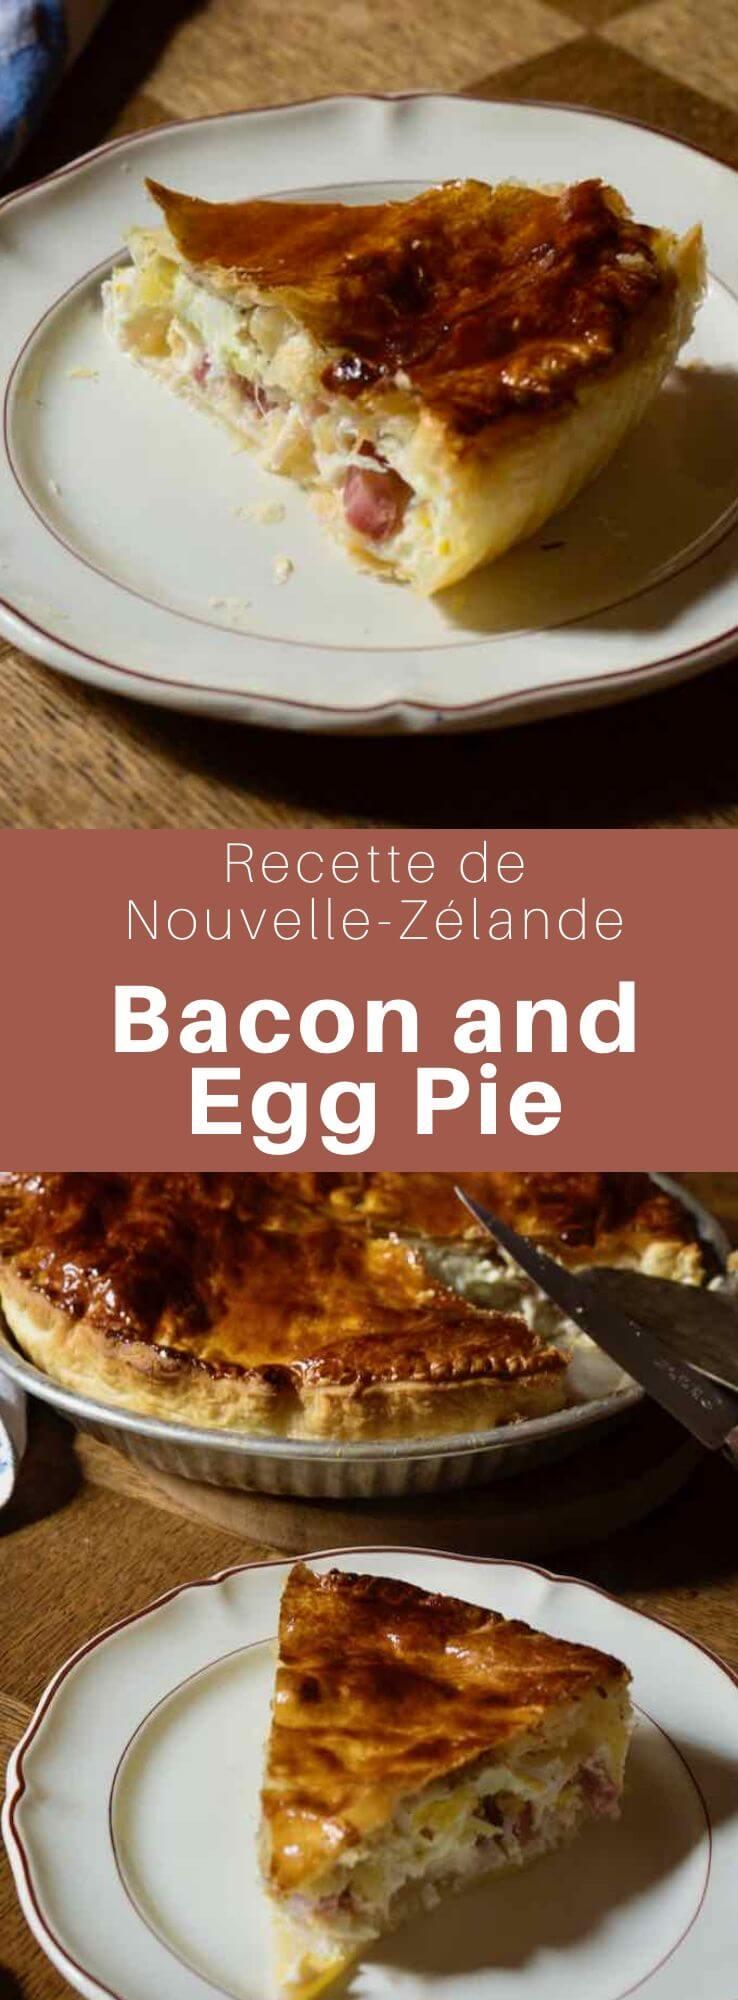 La bacon and egg pie est une tarte salée traditionnelle de Nouvelle Zélande composée d'une croûte de pâte feuilletée contenant principalement du bacon et des œufs. #NouvelleZelande #CuisineDeNouvelleZelande #CuisineDuMonde #196flavors